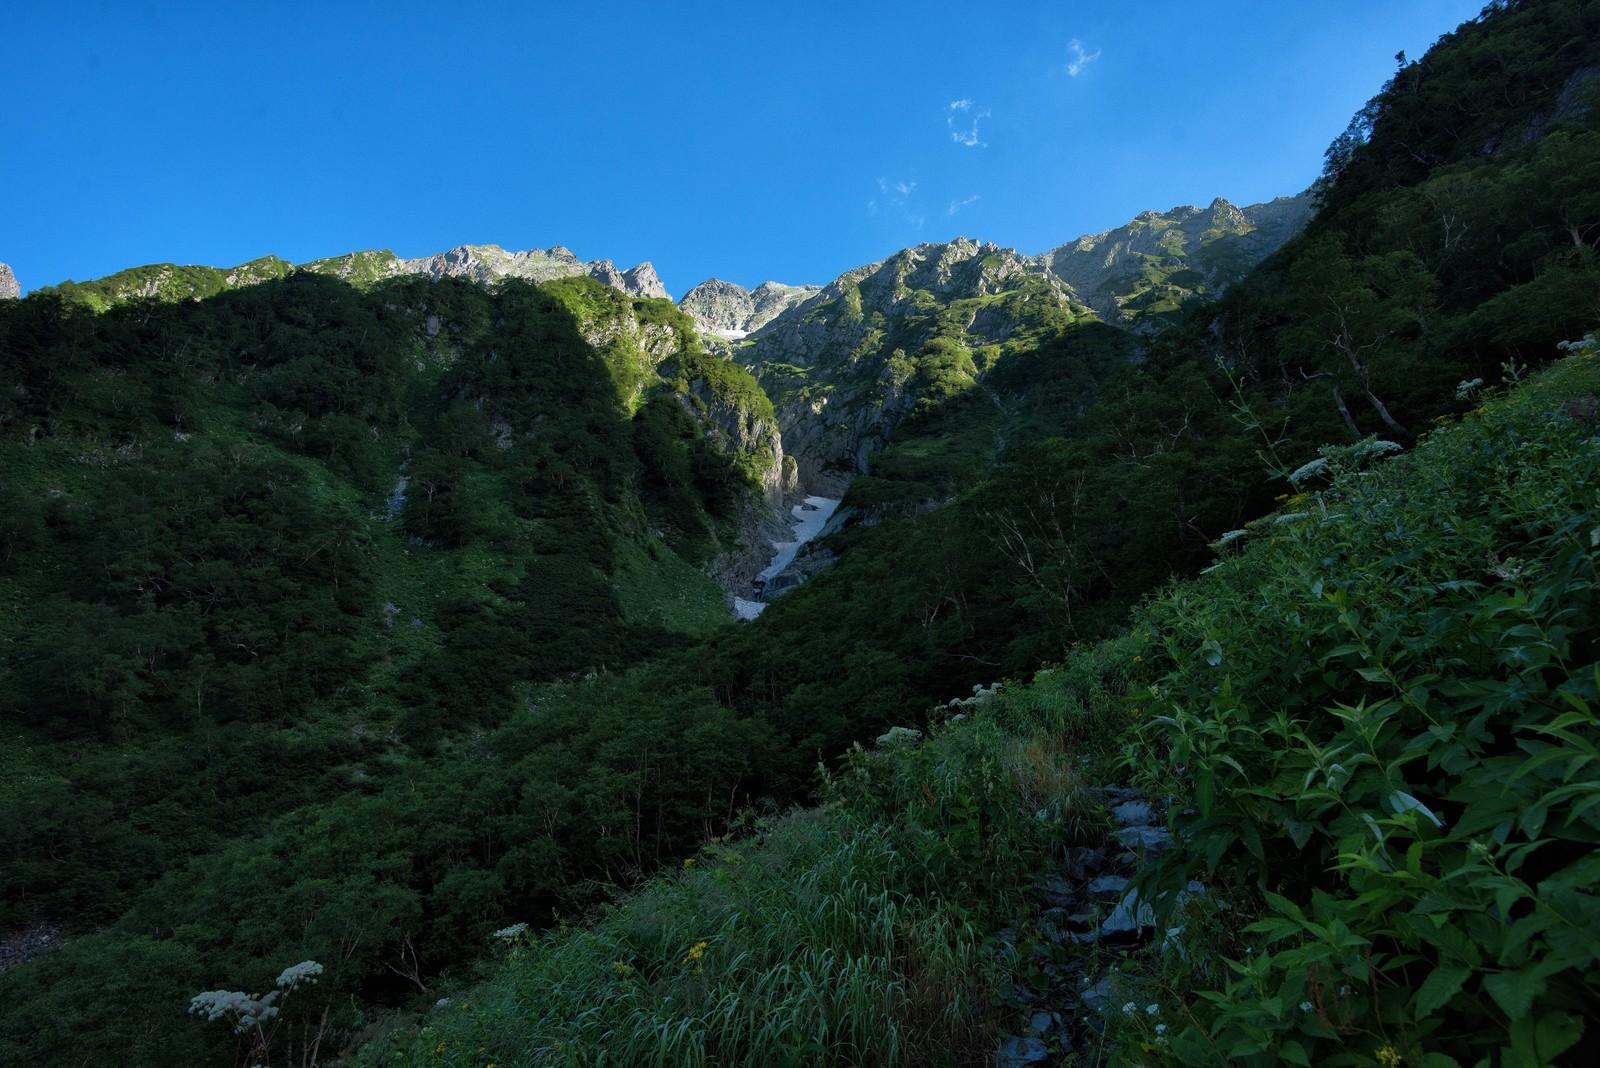 「山間に見える吊尾根の岩壁」の写真